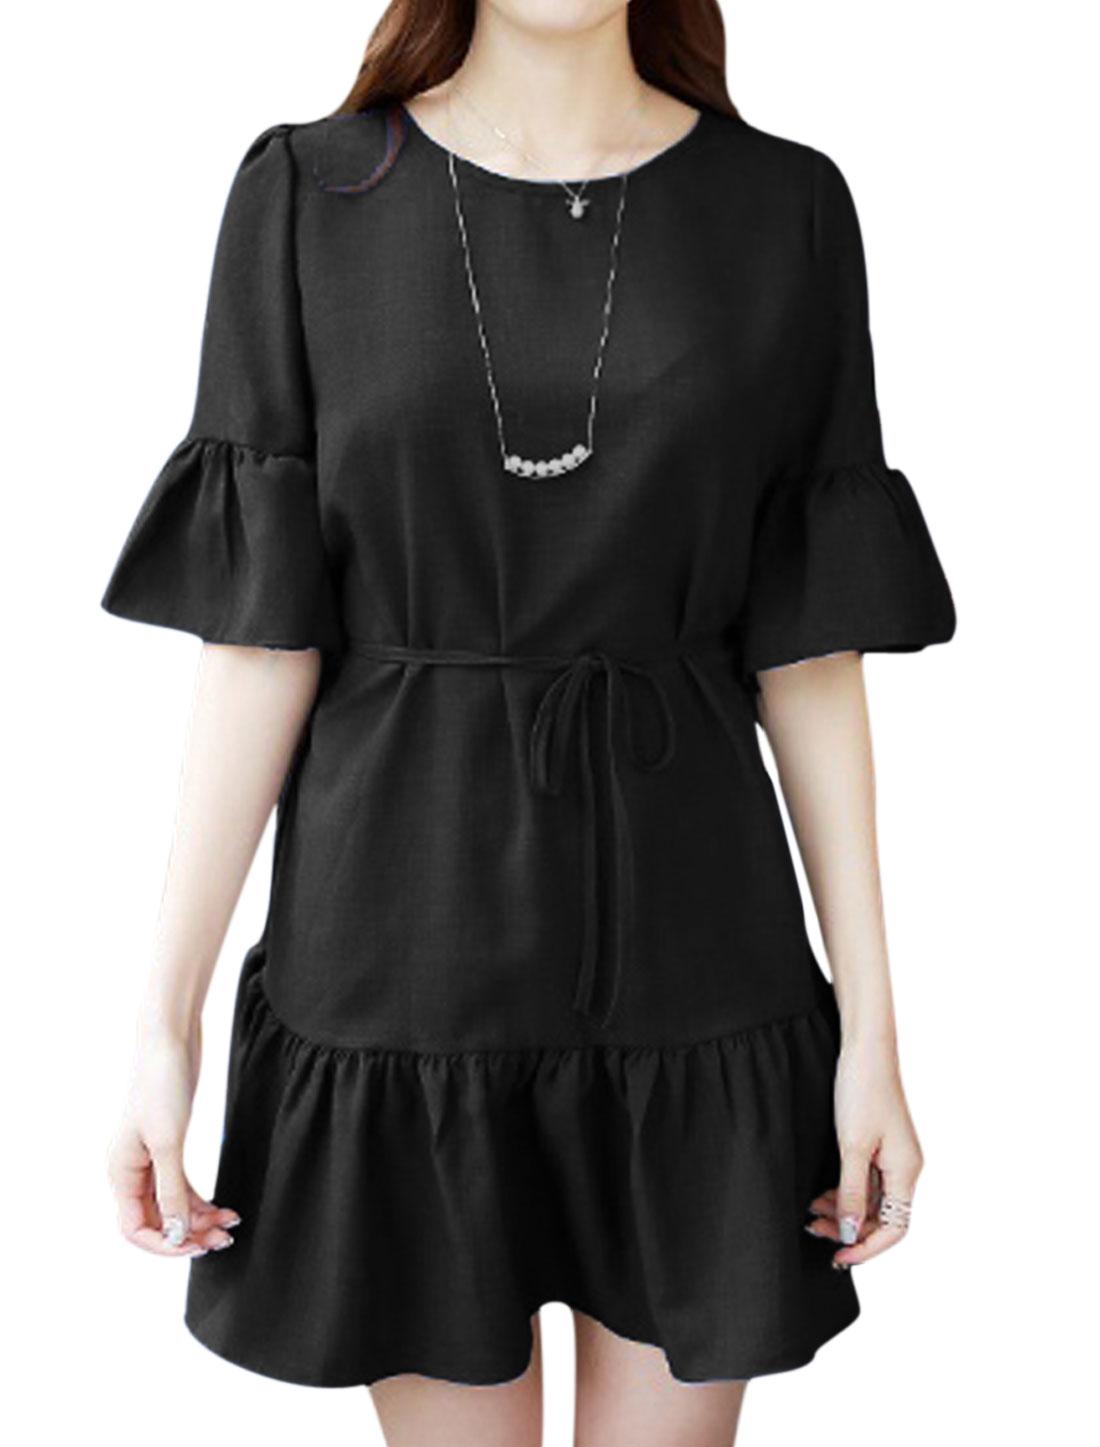 Women Half Sleeve Round Neck Waist String Dresses Black S